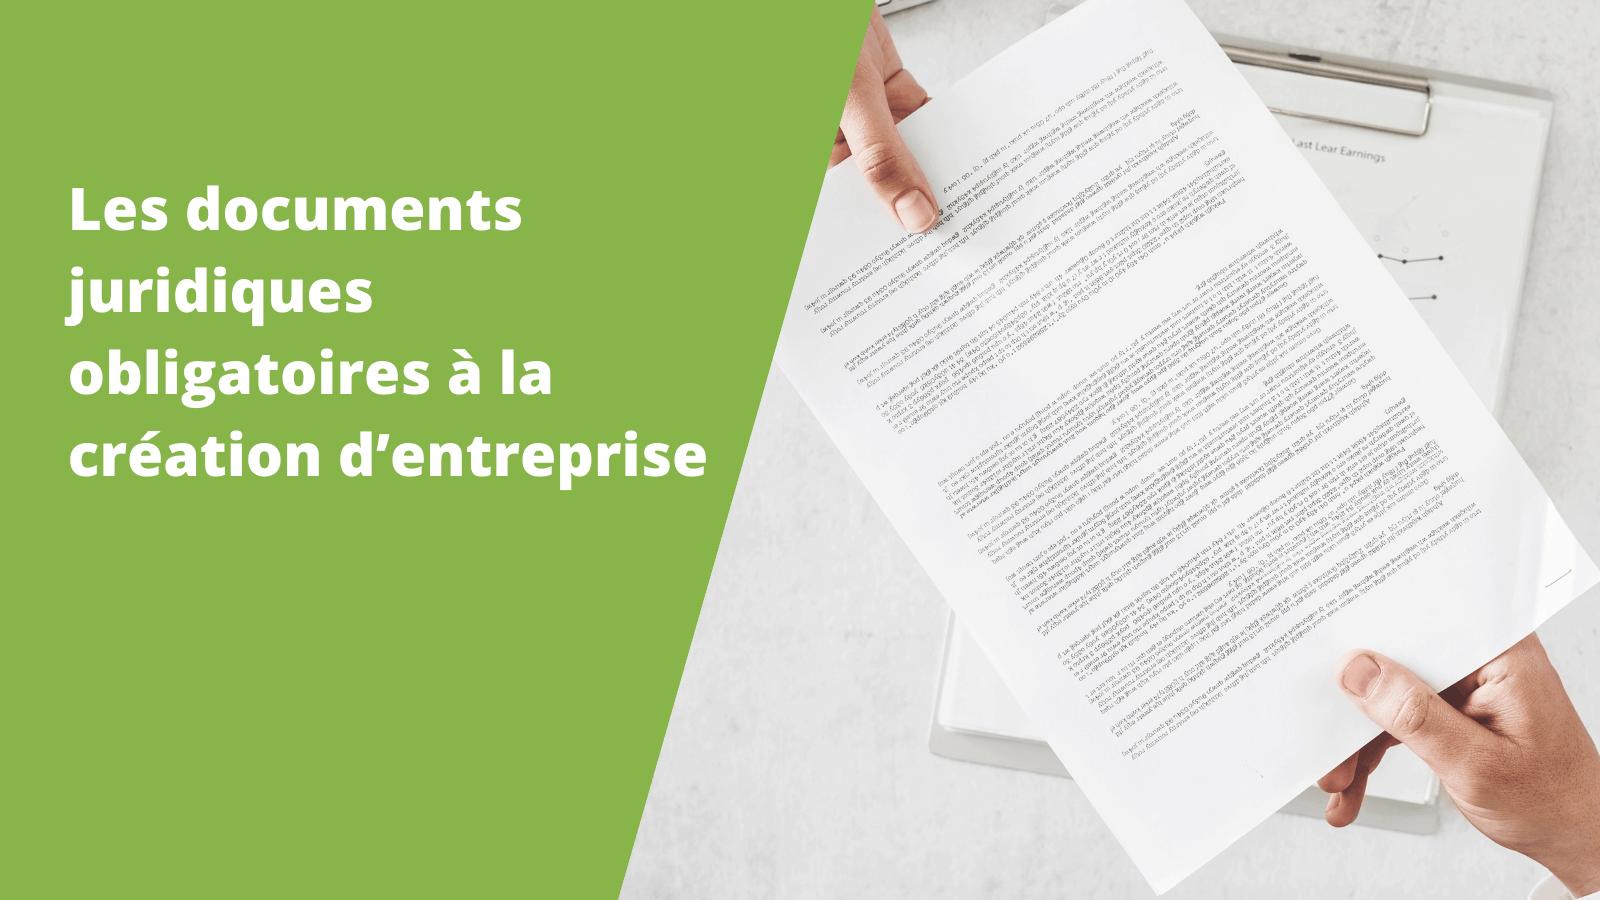 documents juridiques obligatoires à la création d'entreprise